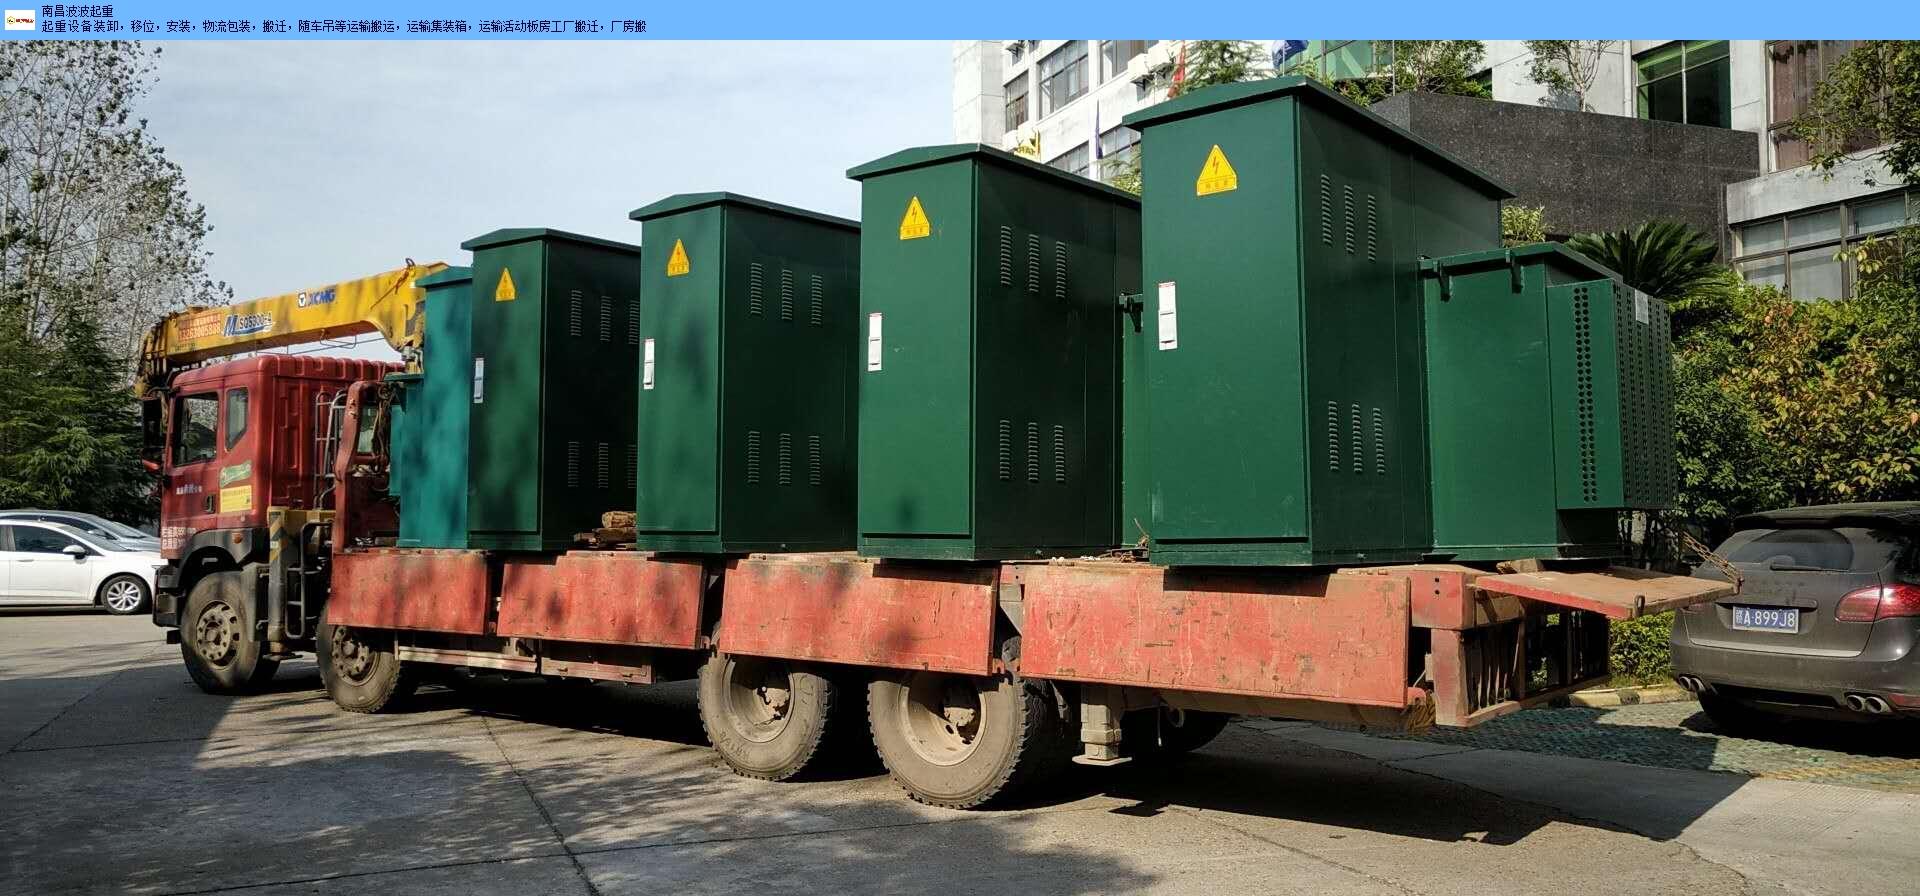 新建区普件运输价位 诚信经营 南昌波波起重设备供应